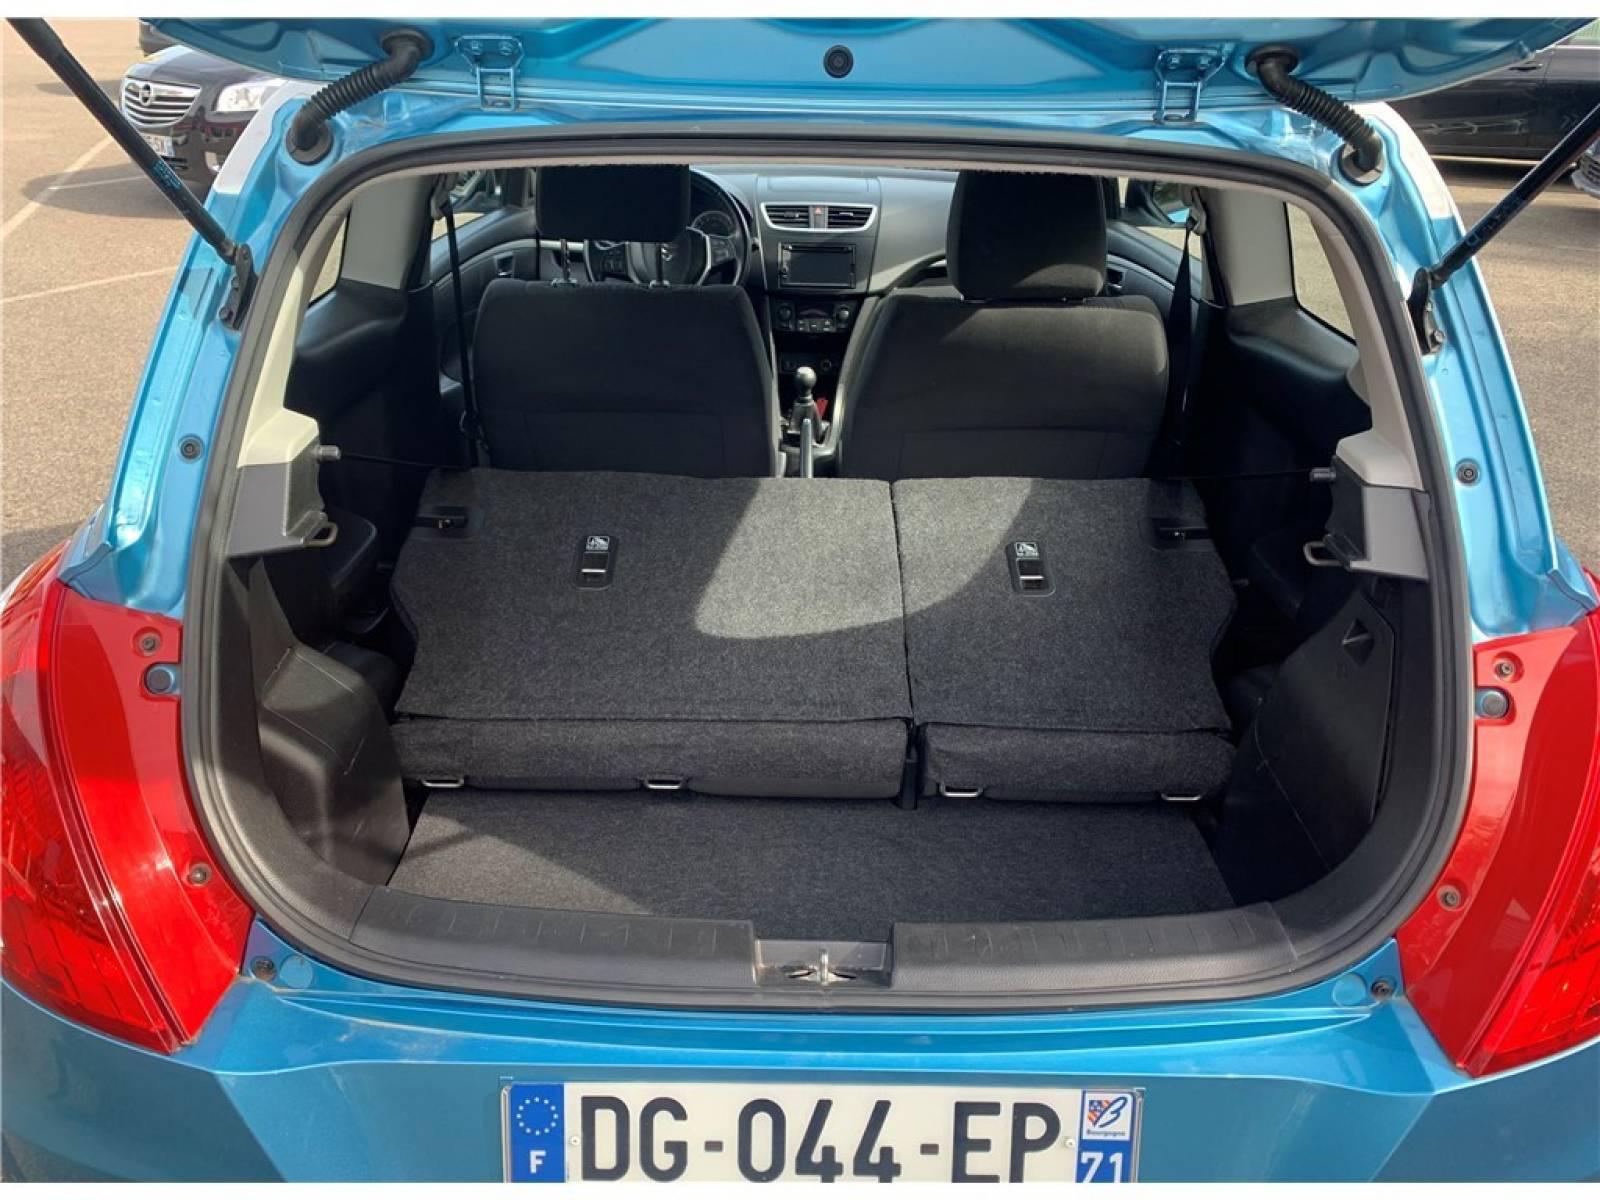 SUZUKI SWIFT 1.2 VVT - véhicule d'occasion - Groupe Guillet - Hall de l'automobile - Chalon sur Saône - 71380 - Saint-Marcel - 7